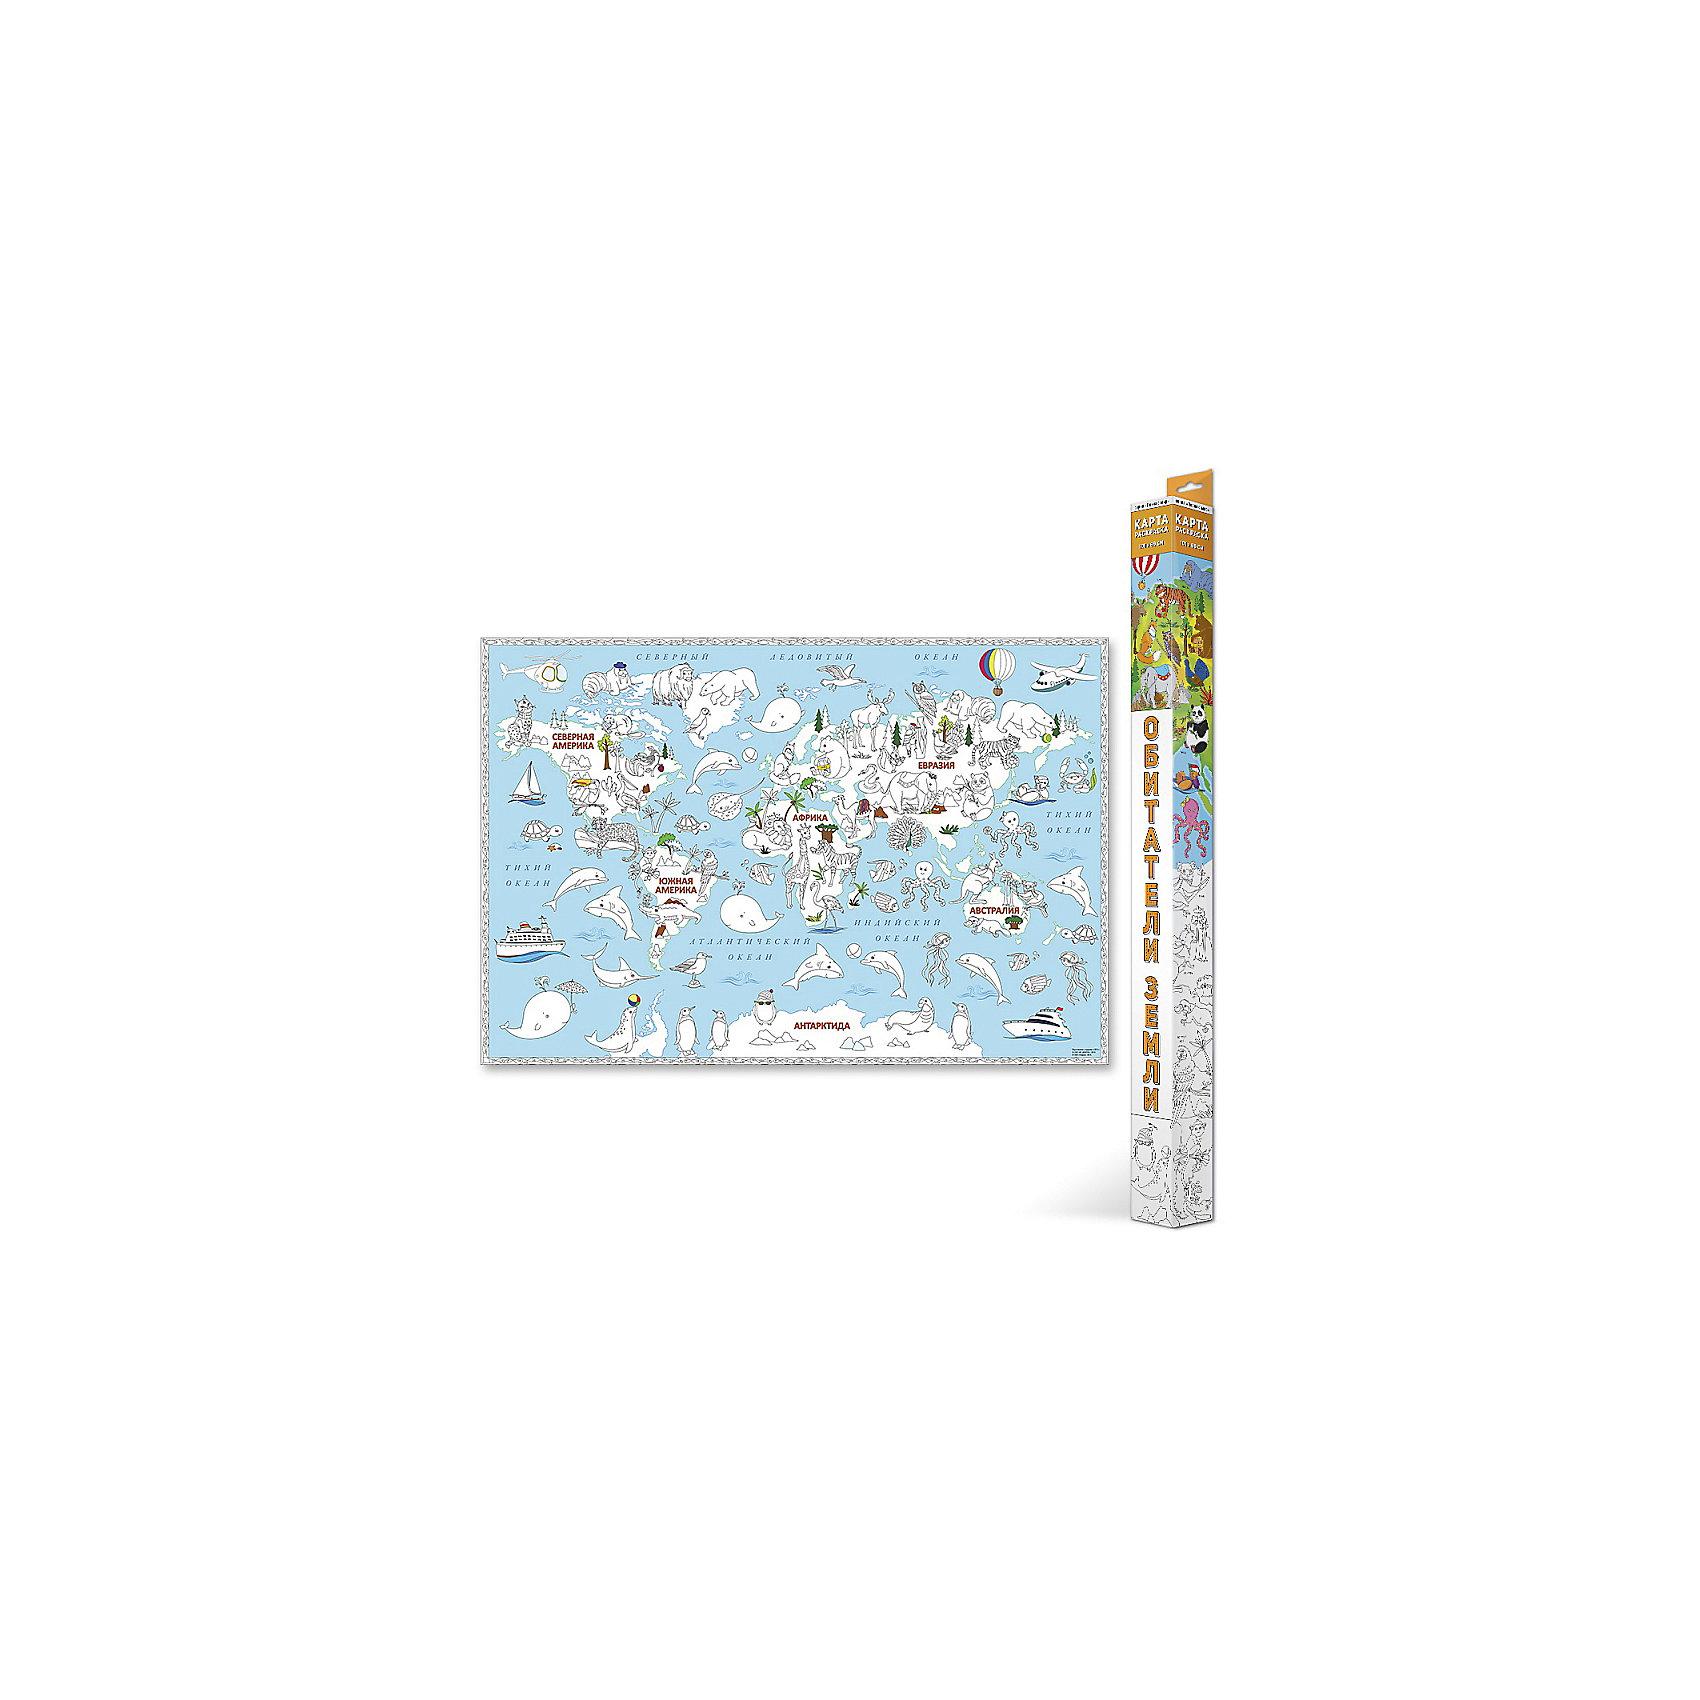 Карта-Раскраска Обитатели Земли 101*69 смРисование<br>Карта-Раскраска Обитатели Земли 101*69 см<br><br>Характеристики:<br><br>• В набор входит: раскраска в коробке<br>• Размер раскраски: 101 * 69 см.<br>• Состав: бумага, картон<br>• Вес: 110 г.<br>• Для детей в возрасте: от 3 до 6 лет<br>• Страна производитель: Россия<br><br>Благодаря значительному разнообразию животных и растений ребёнок может полностью использовать своё воображение и подбирать цвета как ему будет угодно. Особенно интересно будет раскрашивать картинки карандашами или фломастерами с большим количеством оттенков, хотя, как показано на образце, можно и ограничиться стандартным набором из 12ти цветов. Играя с раскрасками дети развивают моторику рук и готовят руку к письму, развивая творческие способности, учась подбирать цветовую гамму. Дети запоминают формы, учатся как правильно рисовать те или иные вещи, улучшают внимание и концентрацию.<br><br>Карту-Раскраску Обитатели Земли 101*69 см. можно купить в нашем интернет-магазине.<br><br>Ширина мм: 1010<br>Глубина мм: 690<br>Высота мм: 1<br>Вес г: 110<br>Возраст от месяцев: 36<br>Возраст до месяцев: 108<br>Пол: Унисекс<br>Возраст: Детский<br>SKU: 5423007